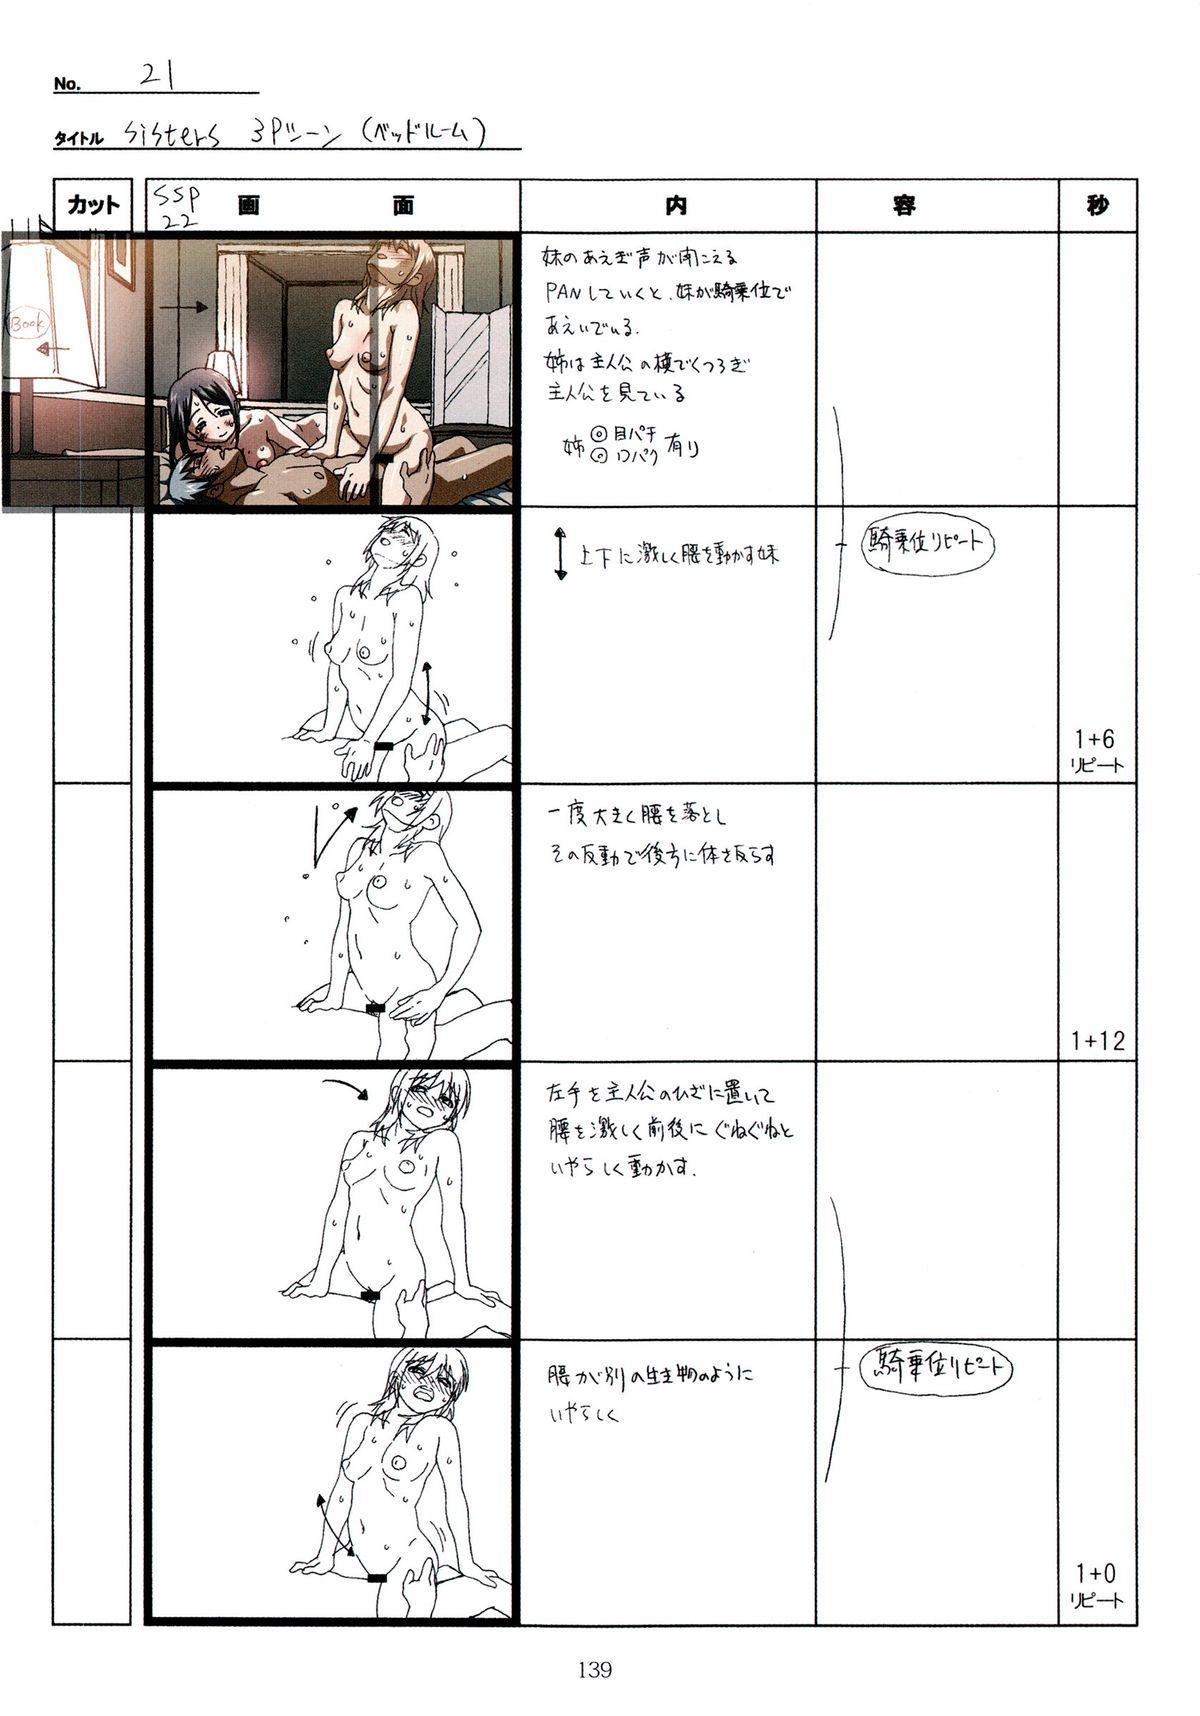 (C89) [Makino Jimusho (Taki Minashika)] SISTERS -Natsu no Saigo no Hi- H Scene All Part Storyboard (SISTERS -Natsu no Saigo no Hi-) 138